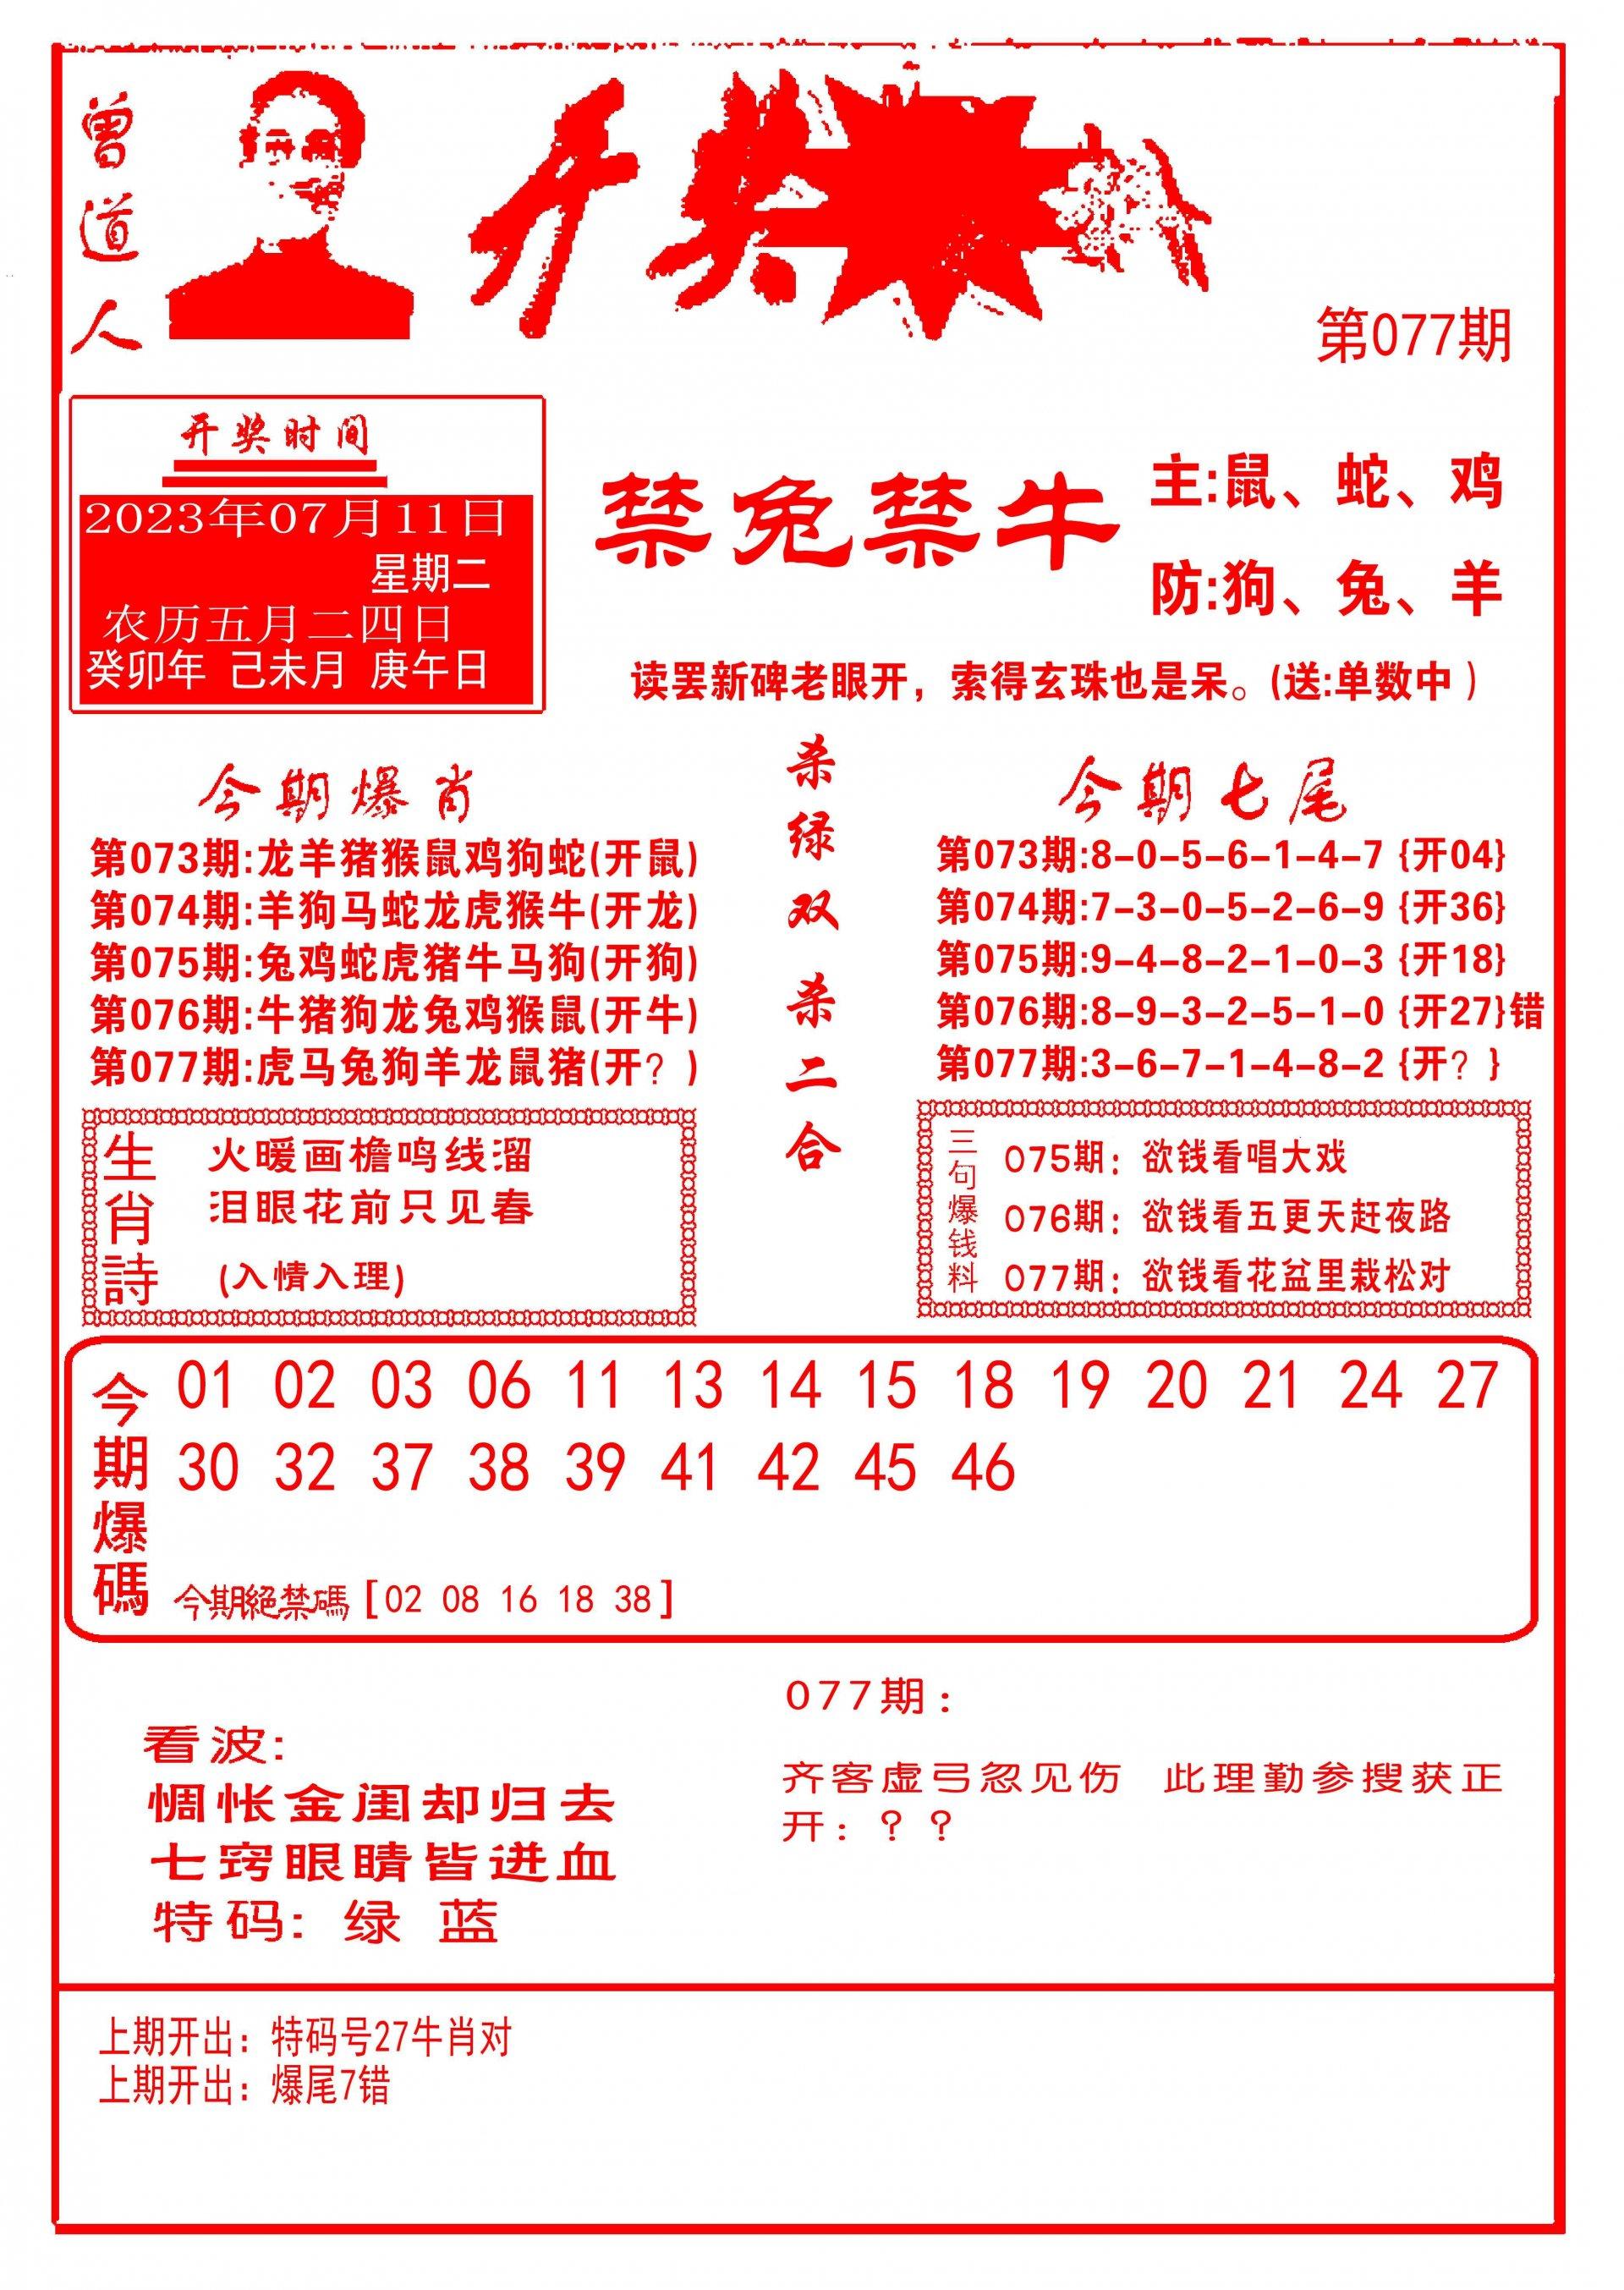 077期开奖爆料(新图推荐)